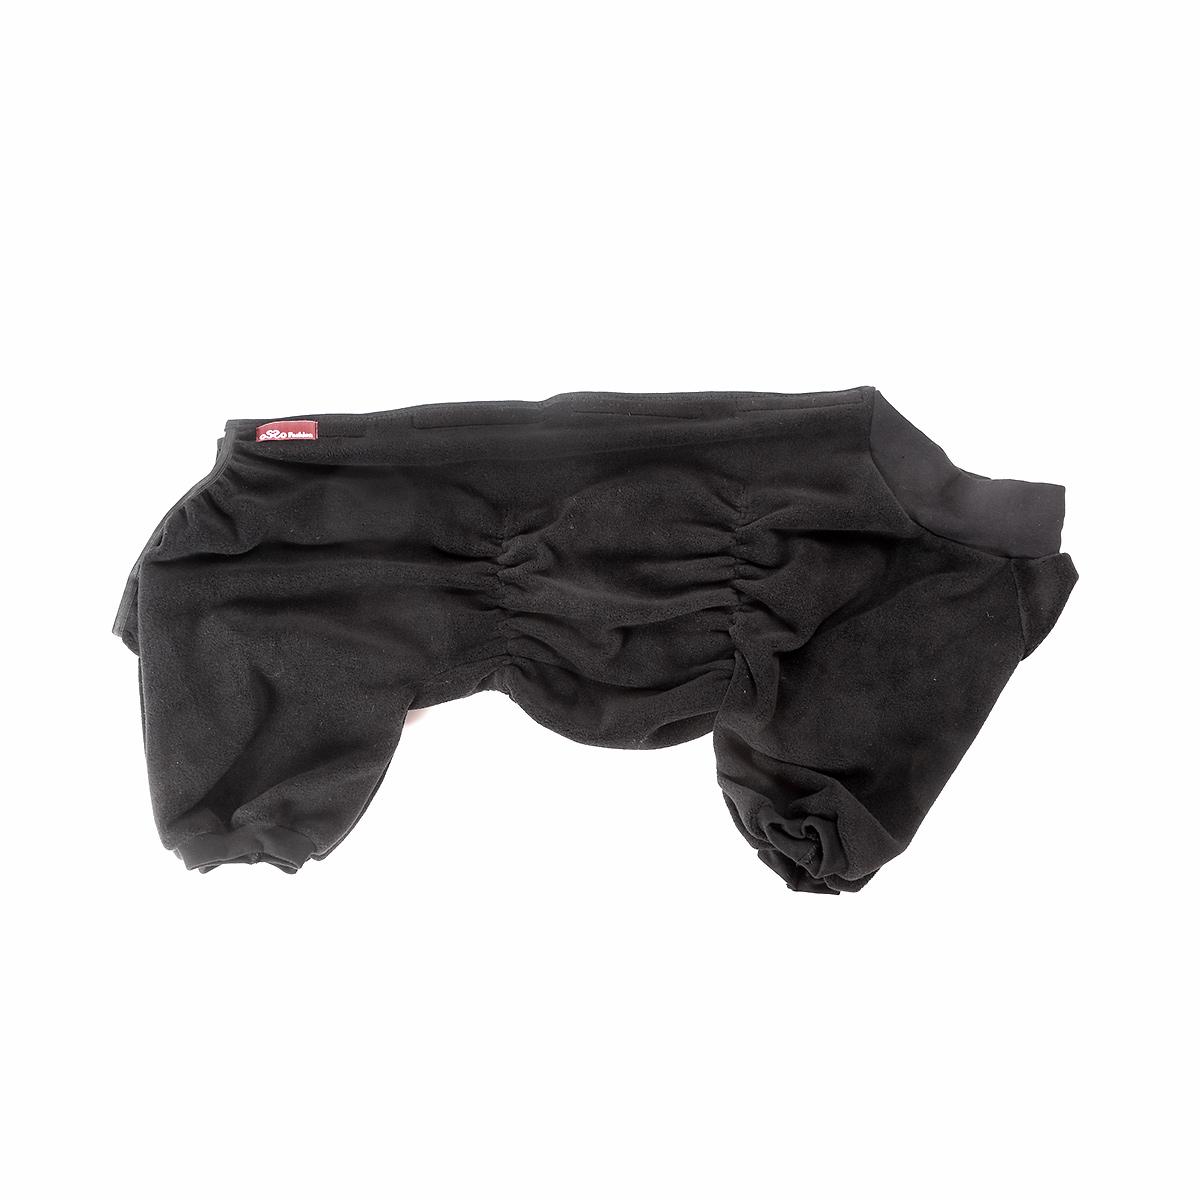 Комбинезон для собак  Osso Fashion , для мальчика, цвет: графит. Размер 60 - Одежда, обувь, украшения